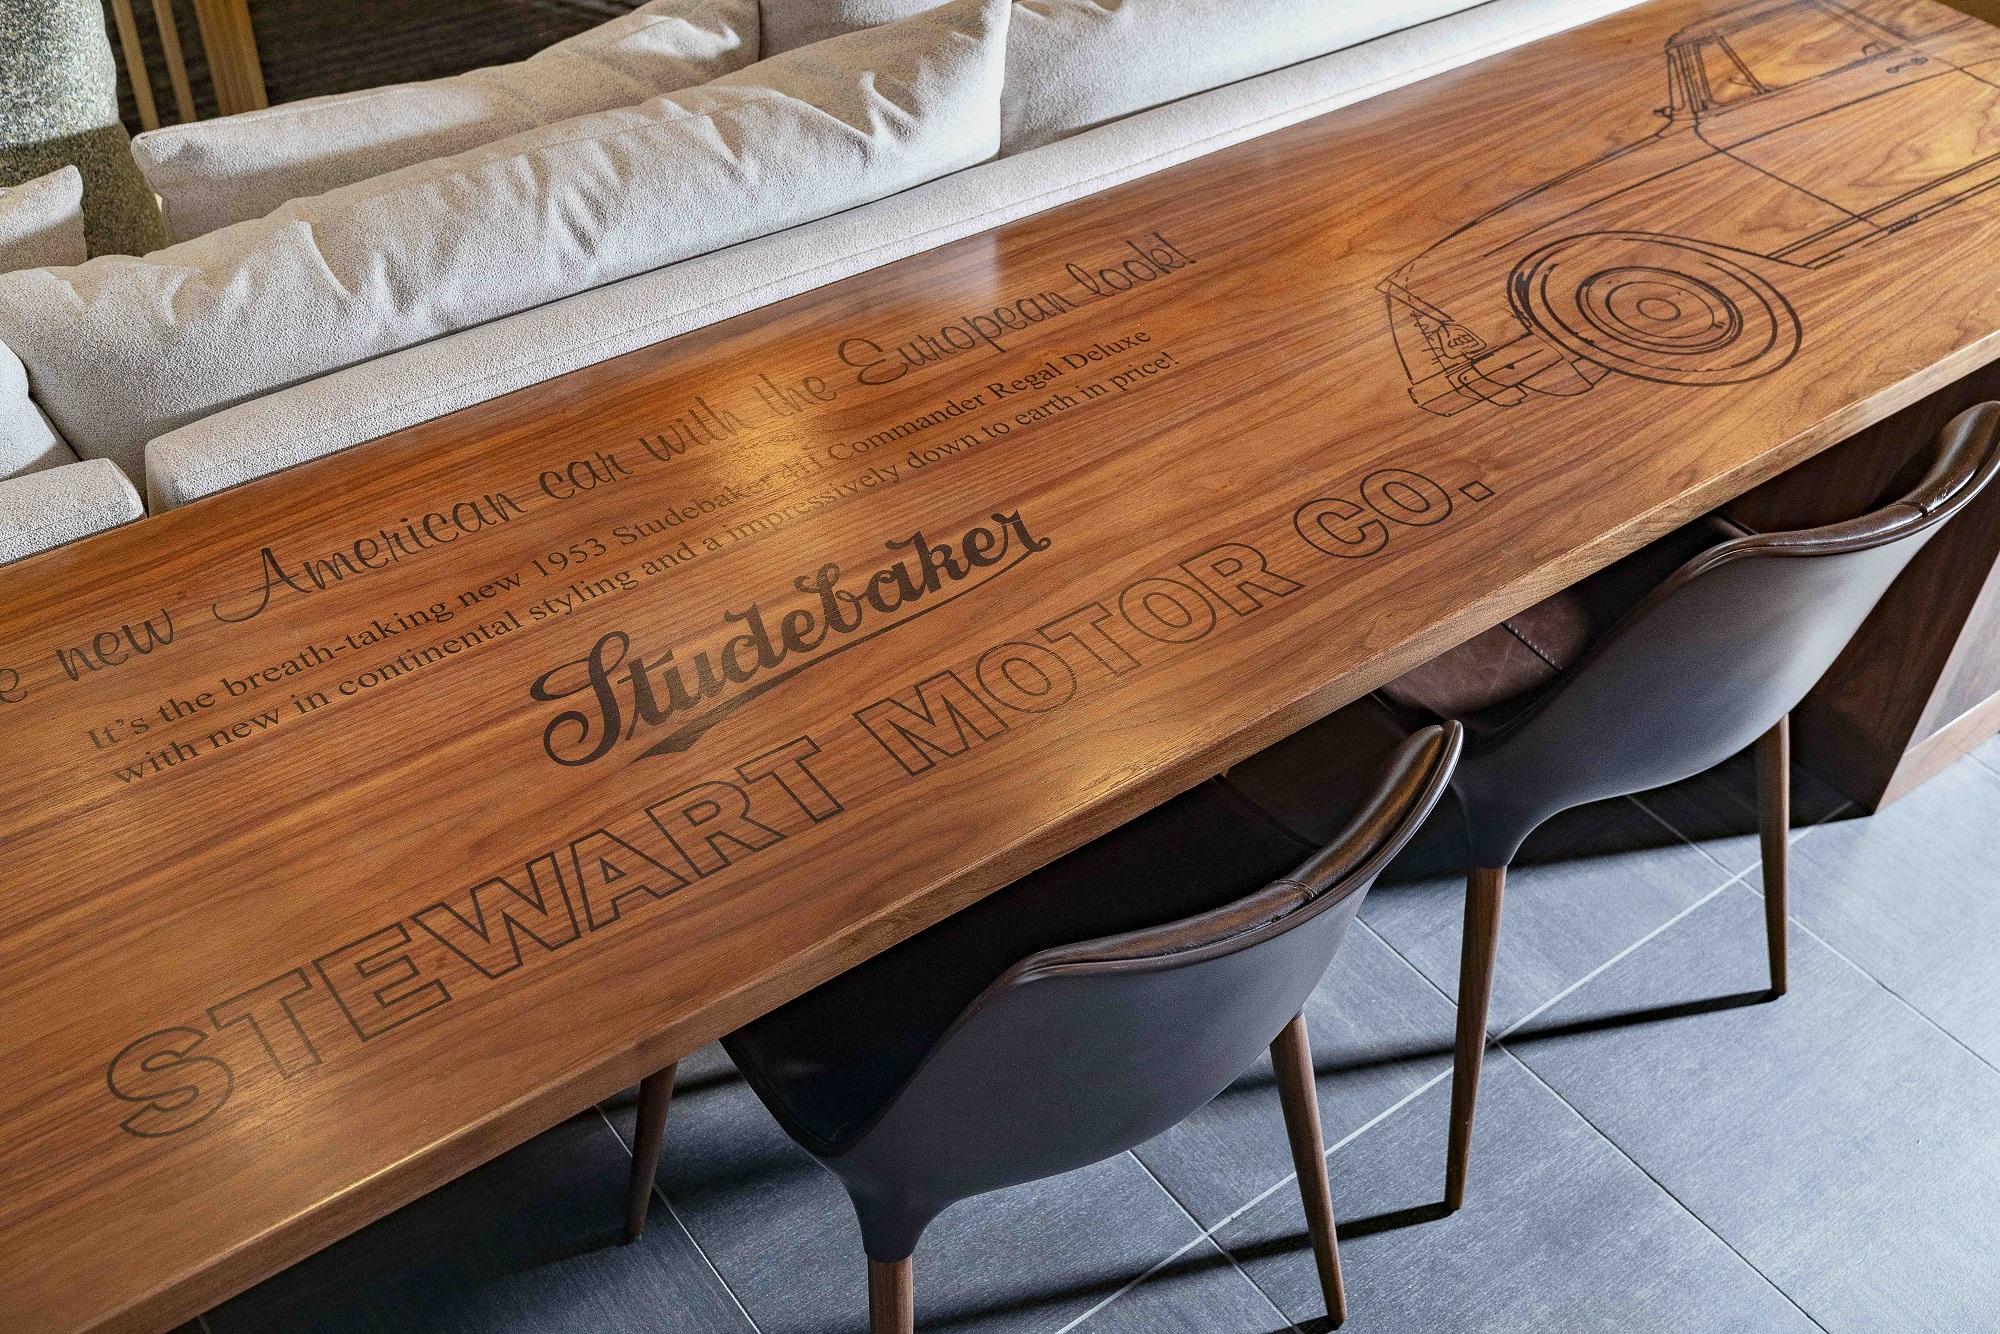 The Stewart desk